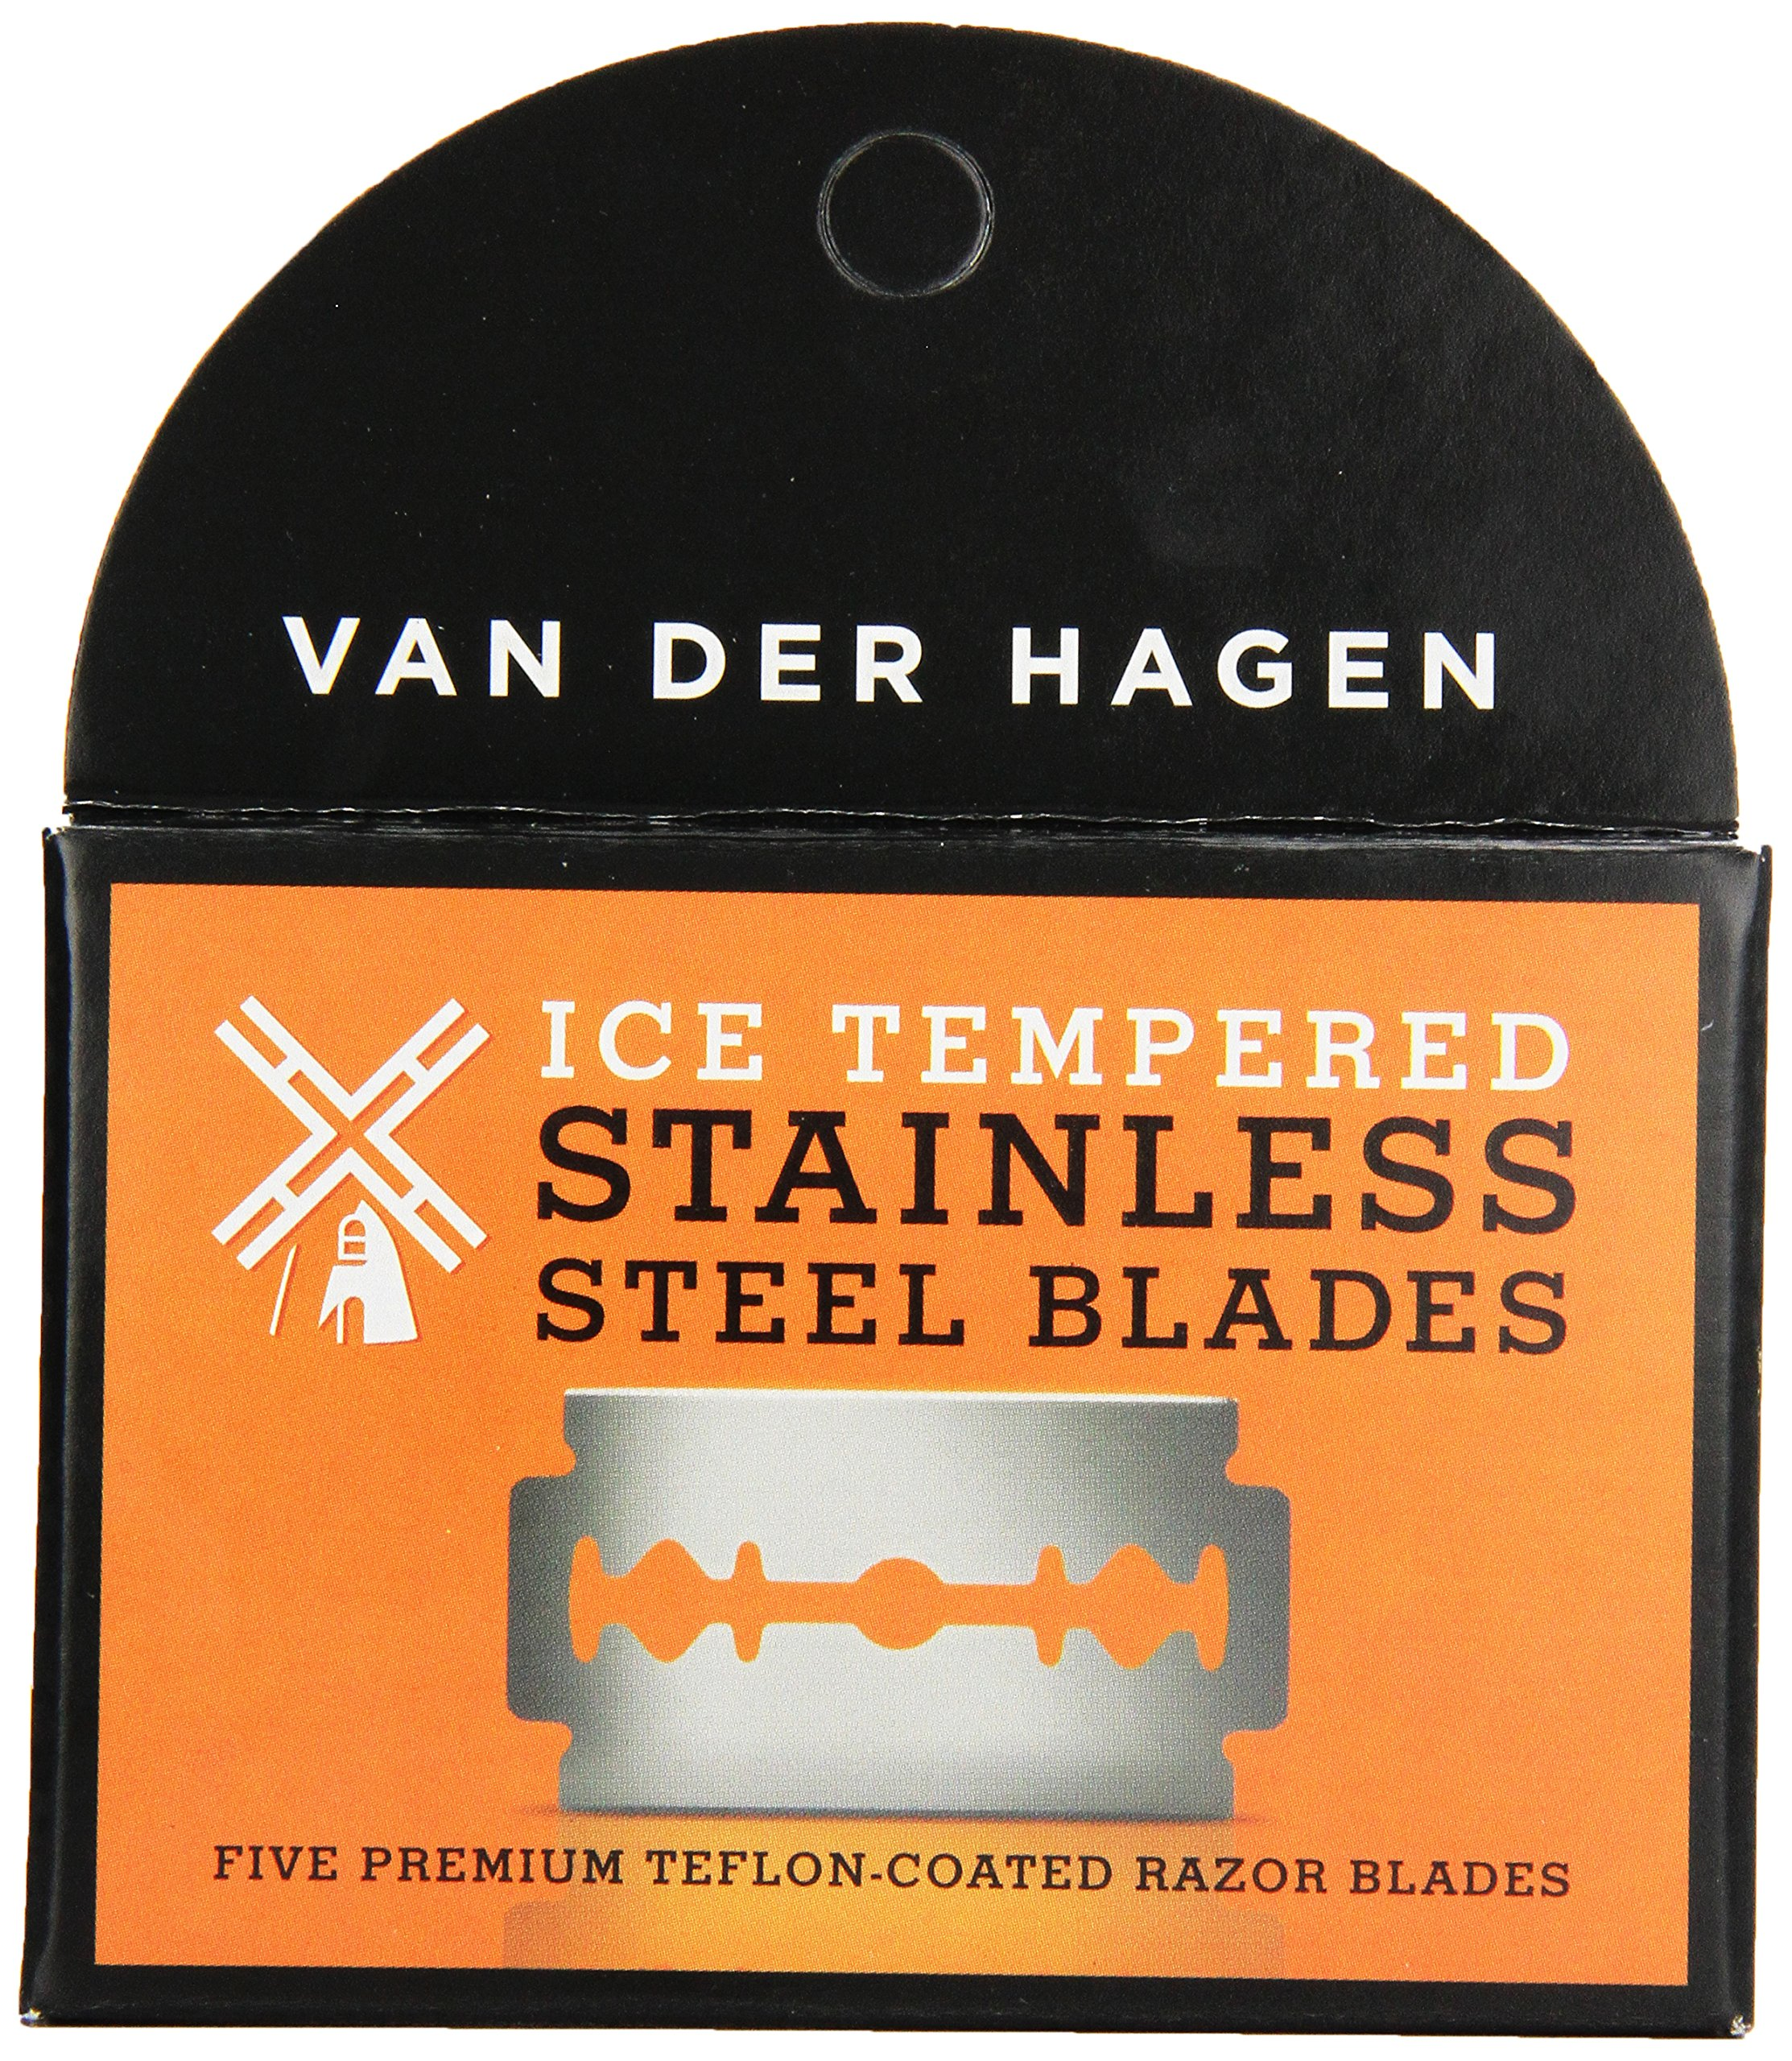 Van Der Hagen Stainless Steel Razor Blades, 5 Count (Pack of 6)